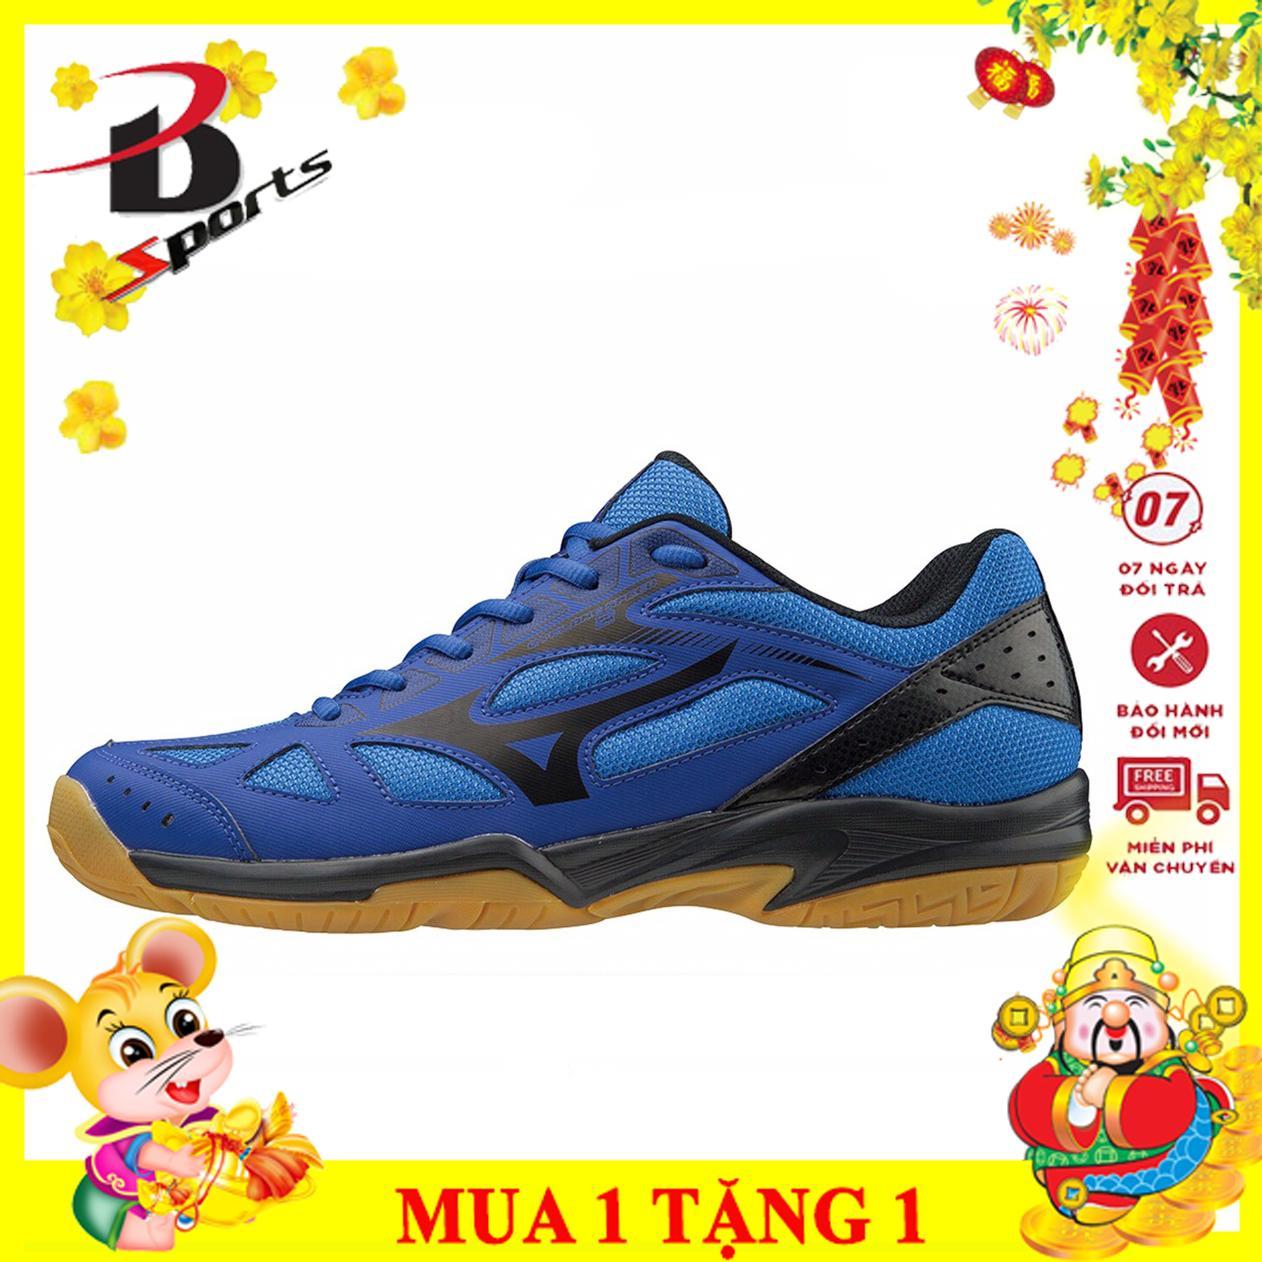 Giày đánh cầu lông nam nữ Mizuno màu xanh chuyên nghiệp, đế cao su chống mài mòn, chơi được sân bê tông, hỗ trợ vận động - Giày cầu lông Nam -Giày bóng chuyền Nam - Giay cau long - giay bong chuyen - BSPORT